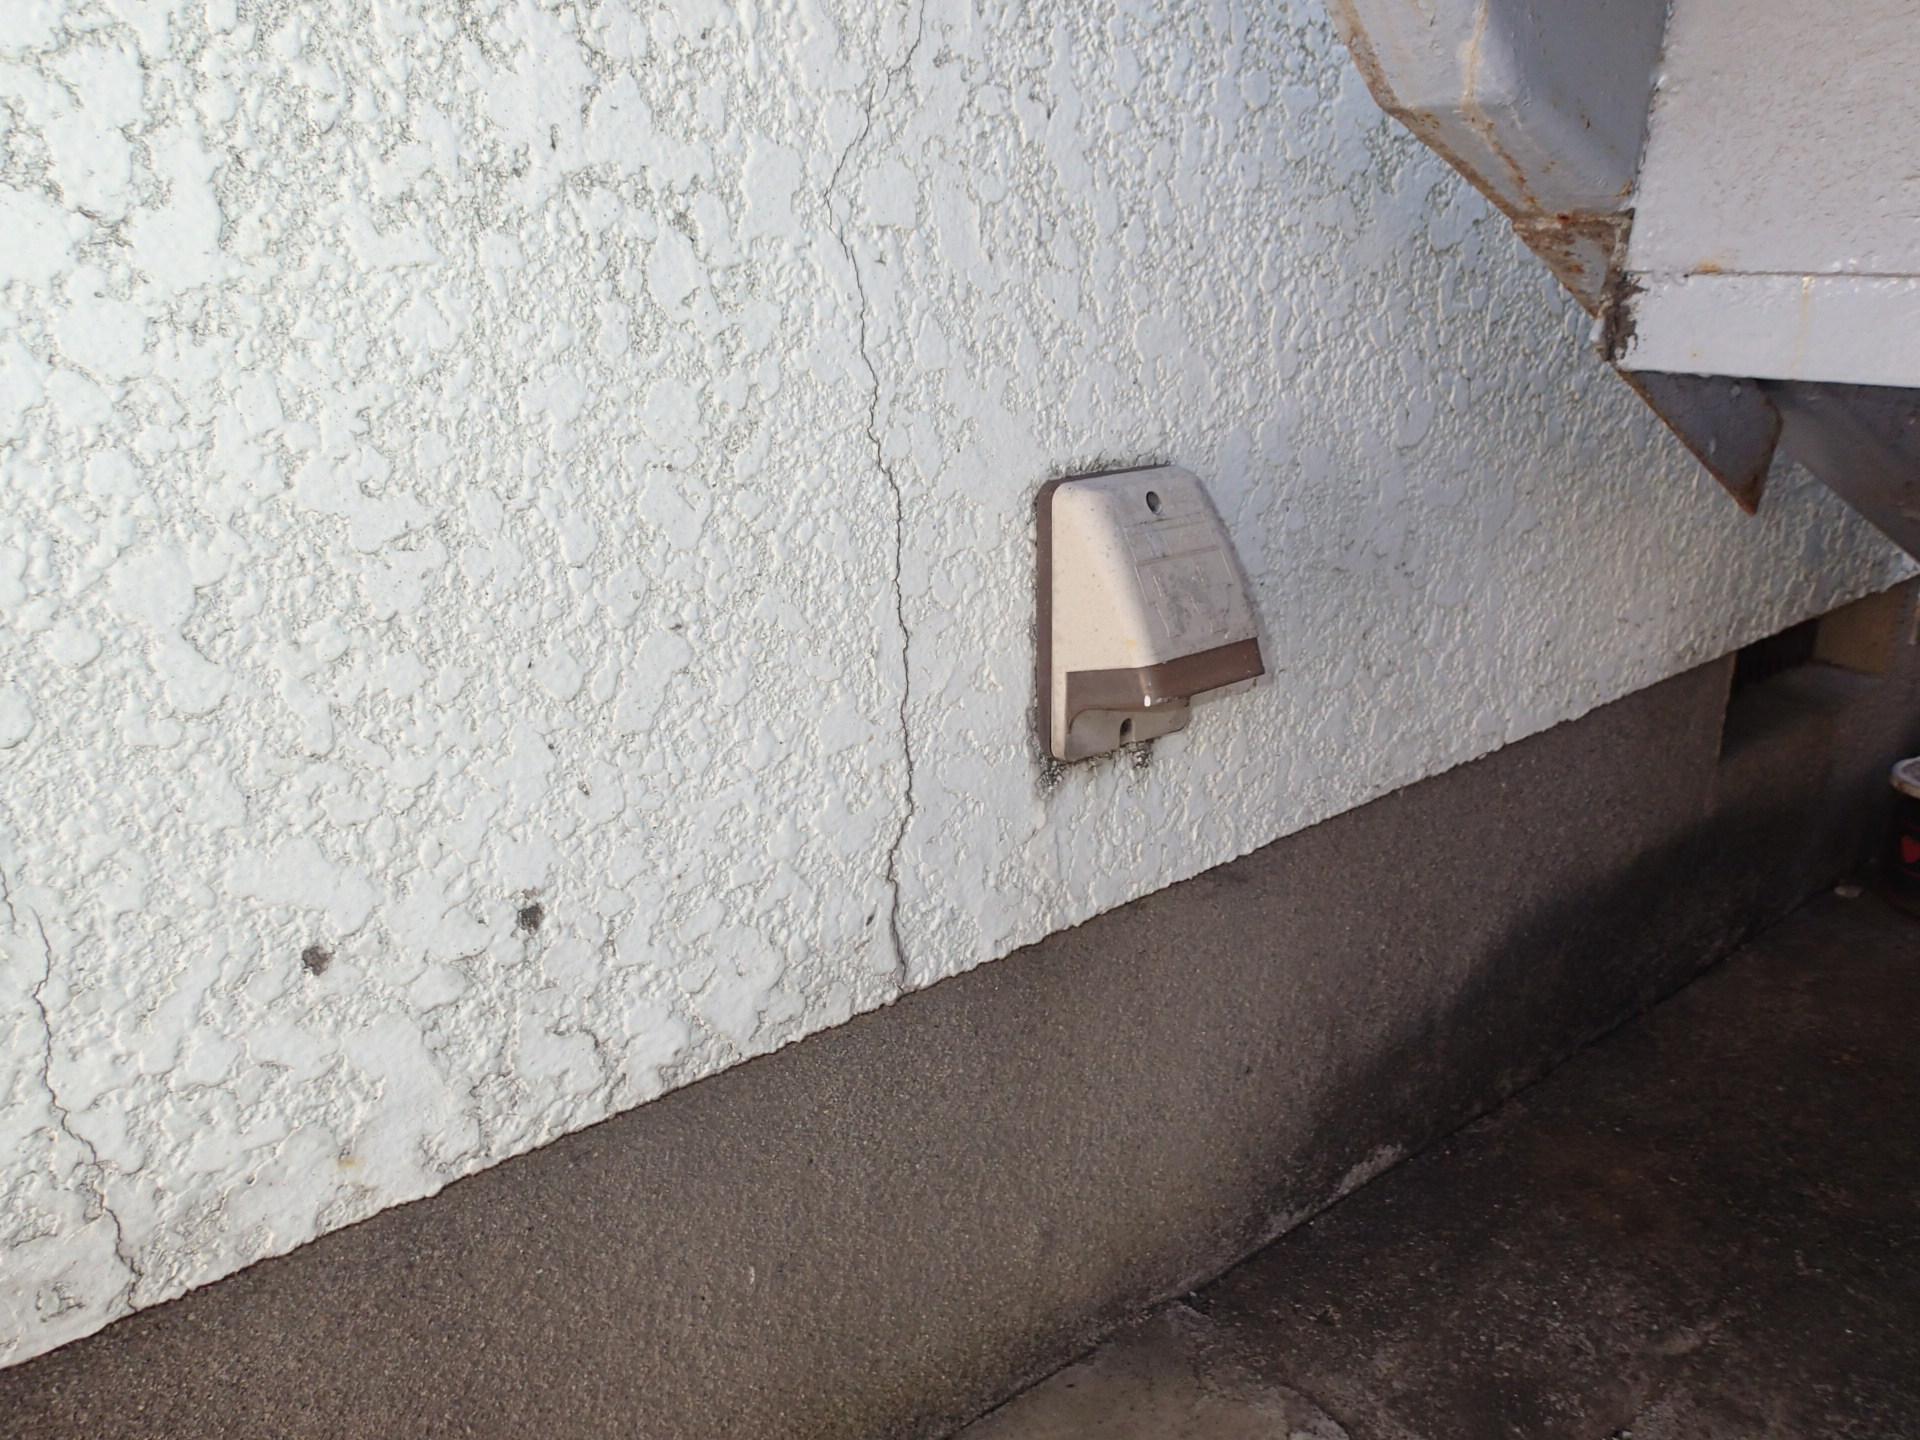 品川区豊町にてクラックが沢山起こっているアパートの外壁の無料点検